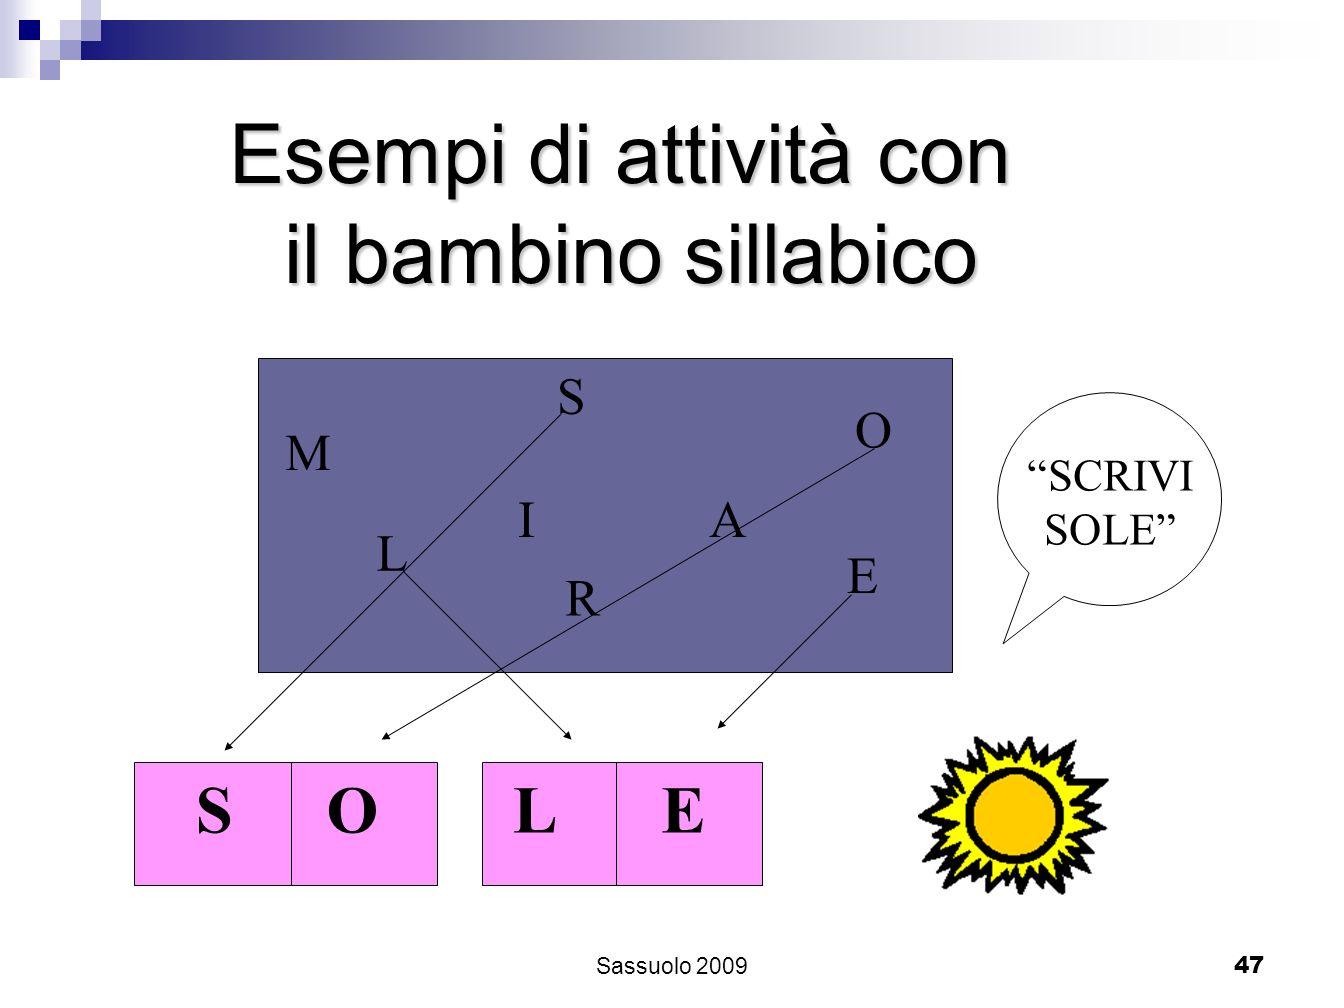 47 Esempi di attività con il bambino sillabico M S L AI O E R SCRIVI SOLE SOLE Sassuolo 2009